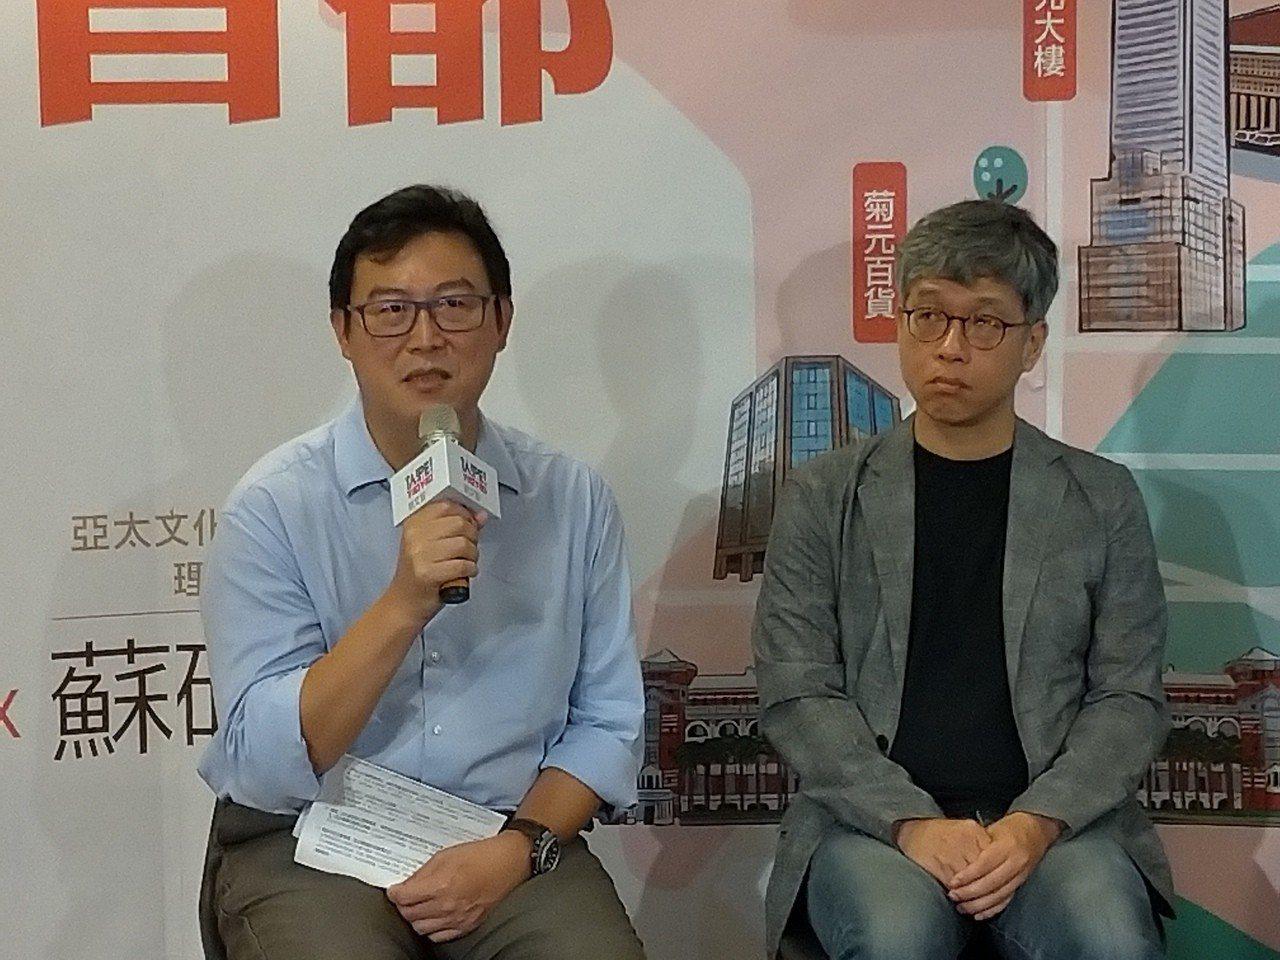 姚文智今早與台大教授蘇碩斌針對文資保存議題進行對談。記者莊琇閔/攝影